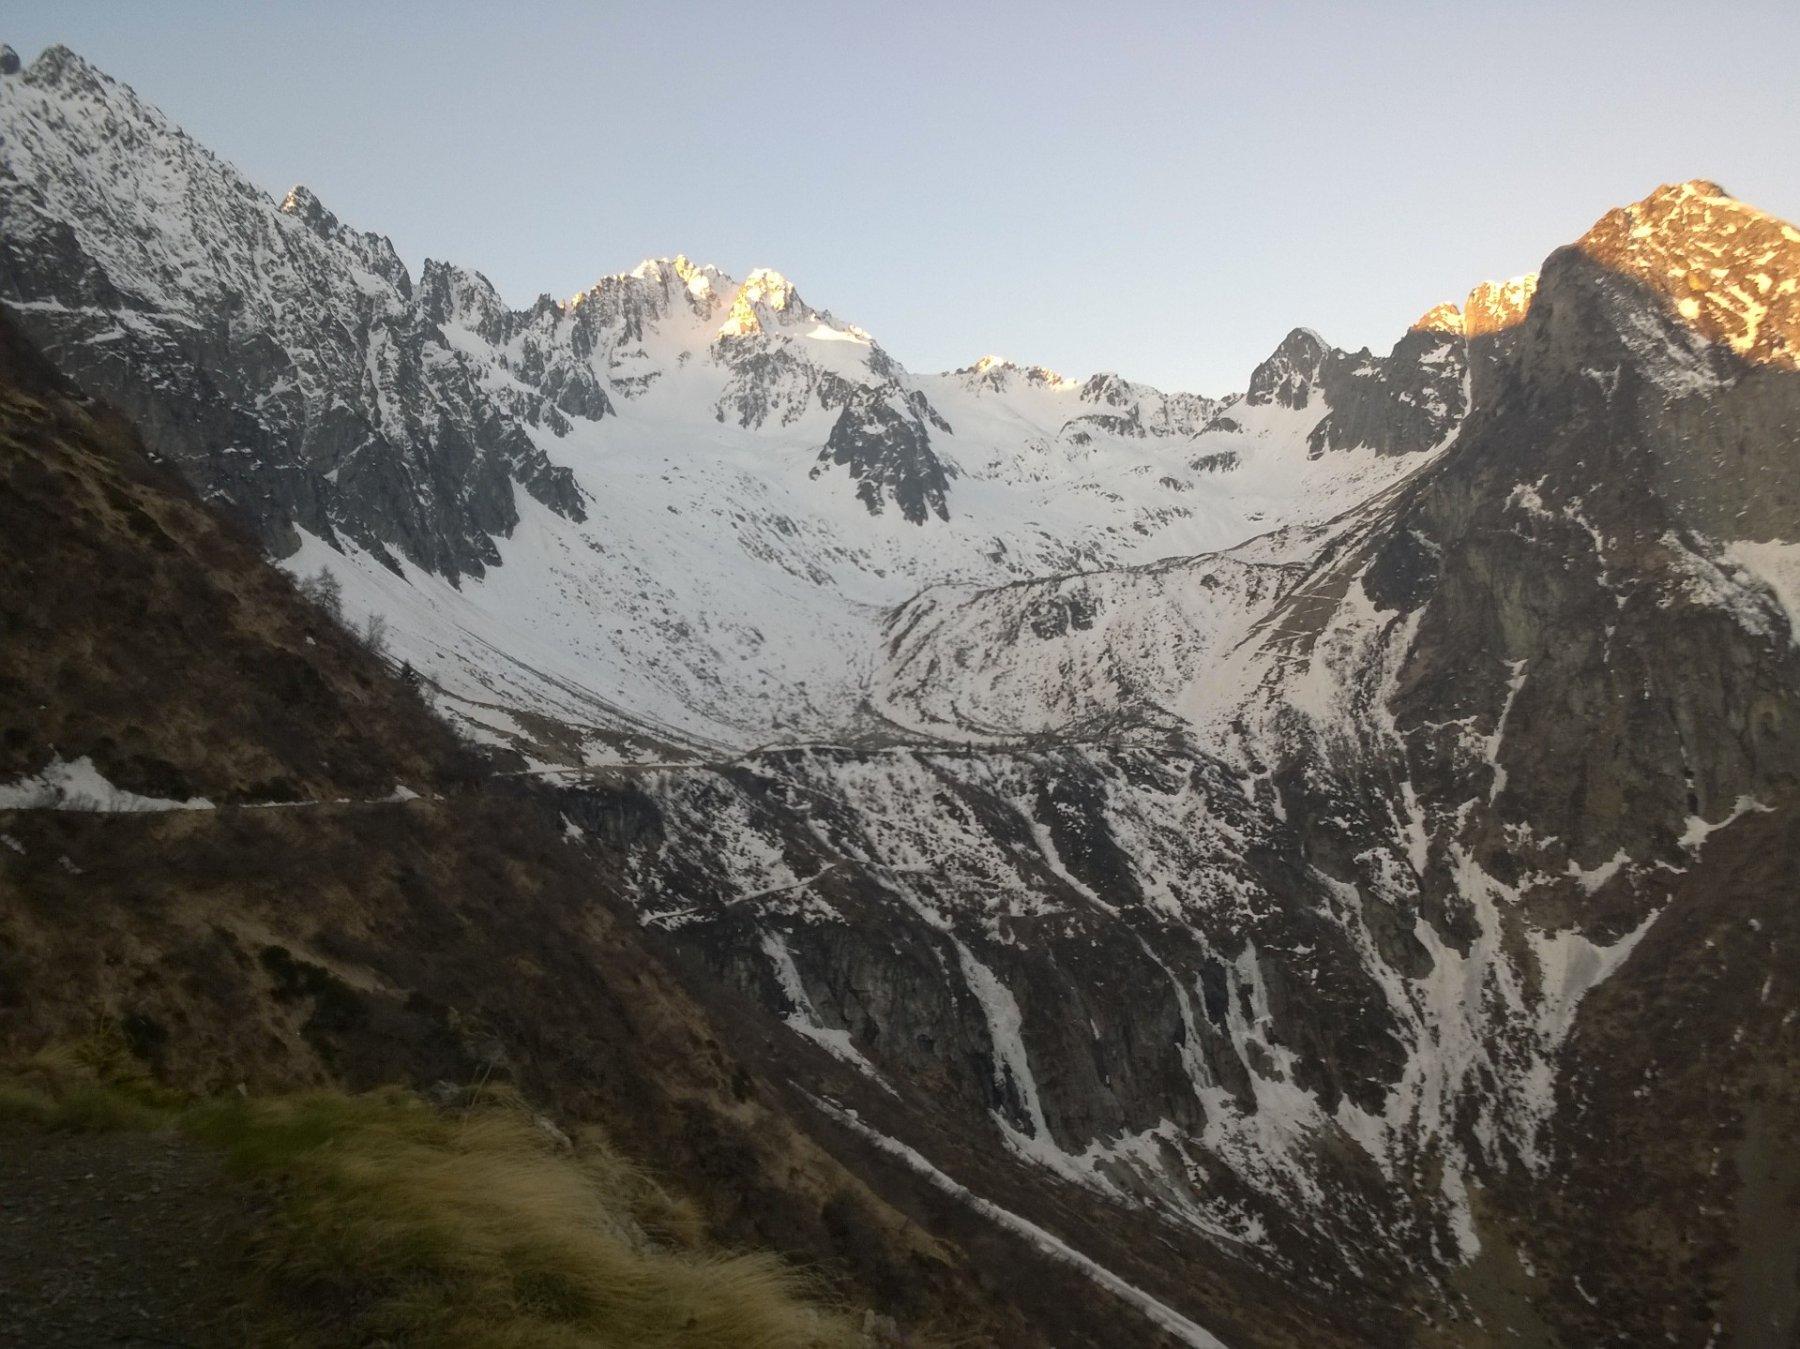 Vista dell'itinerario dal sentiero verso la conca di Pozzuolo